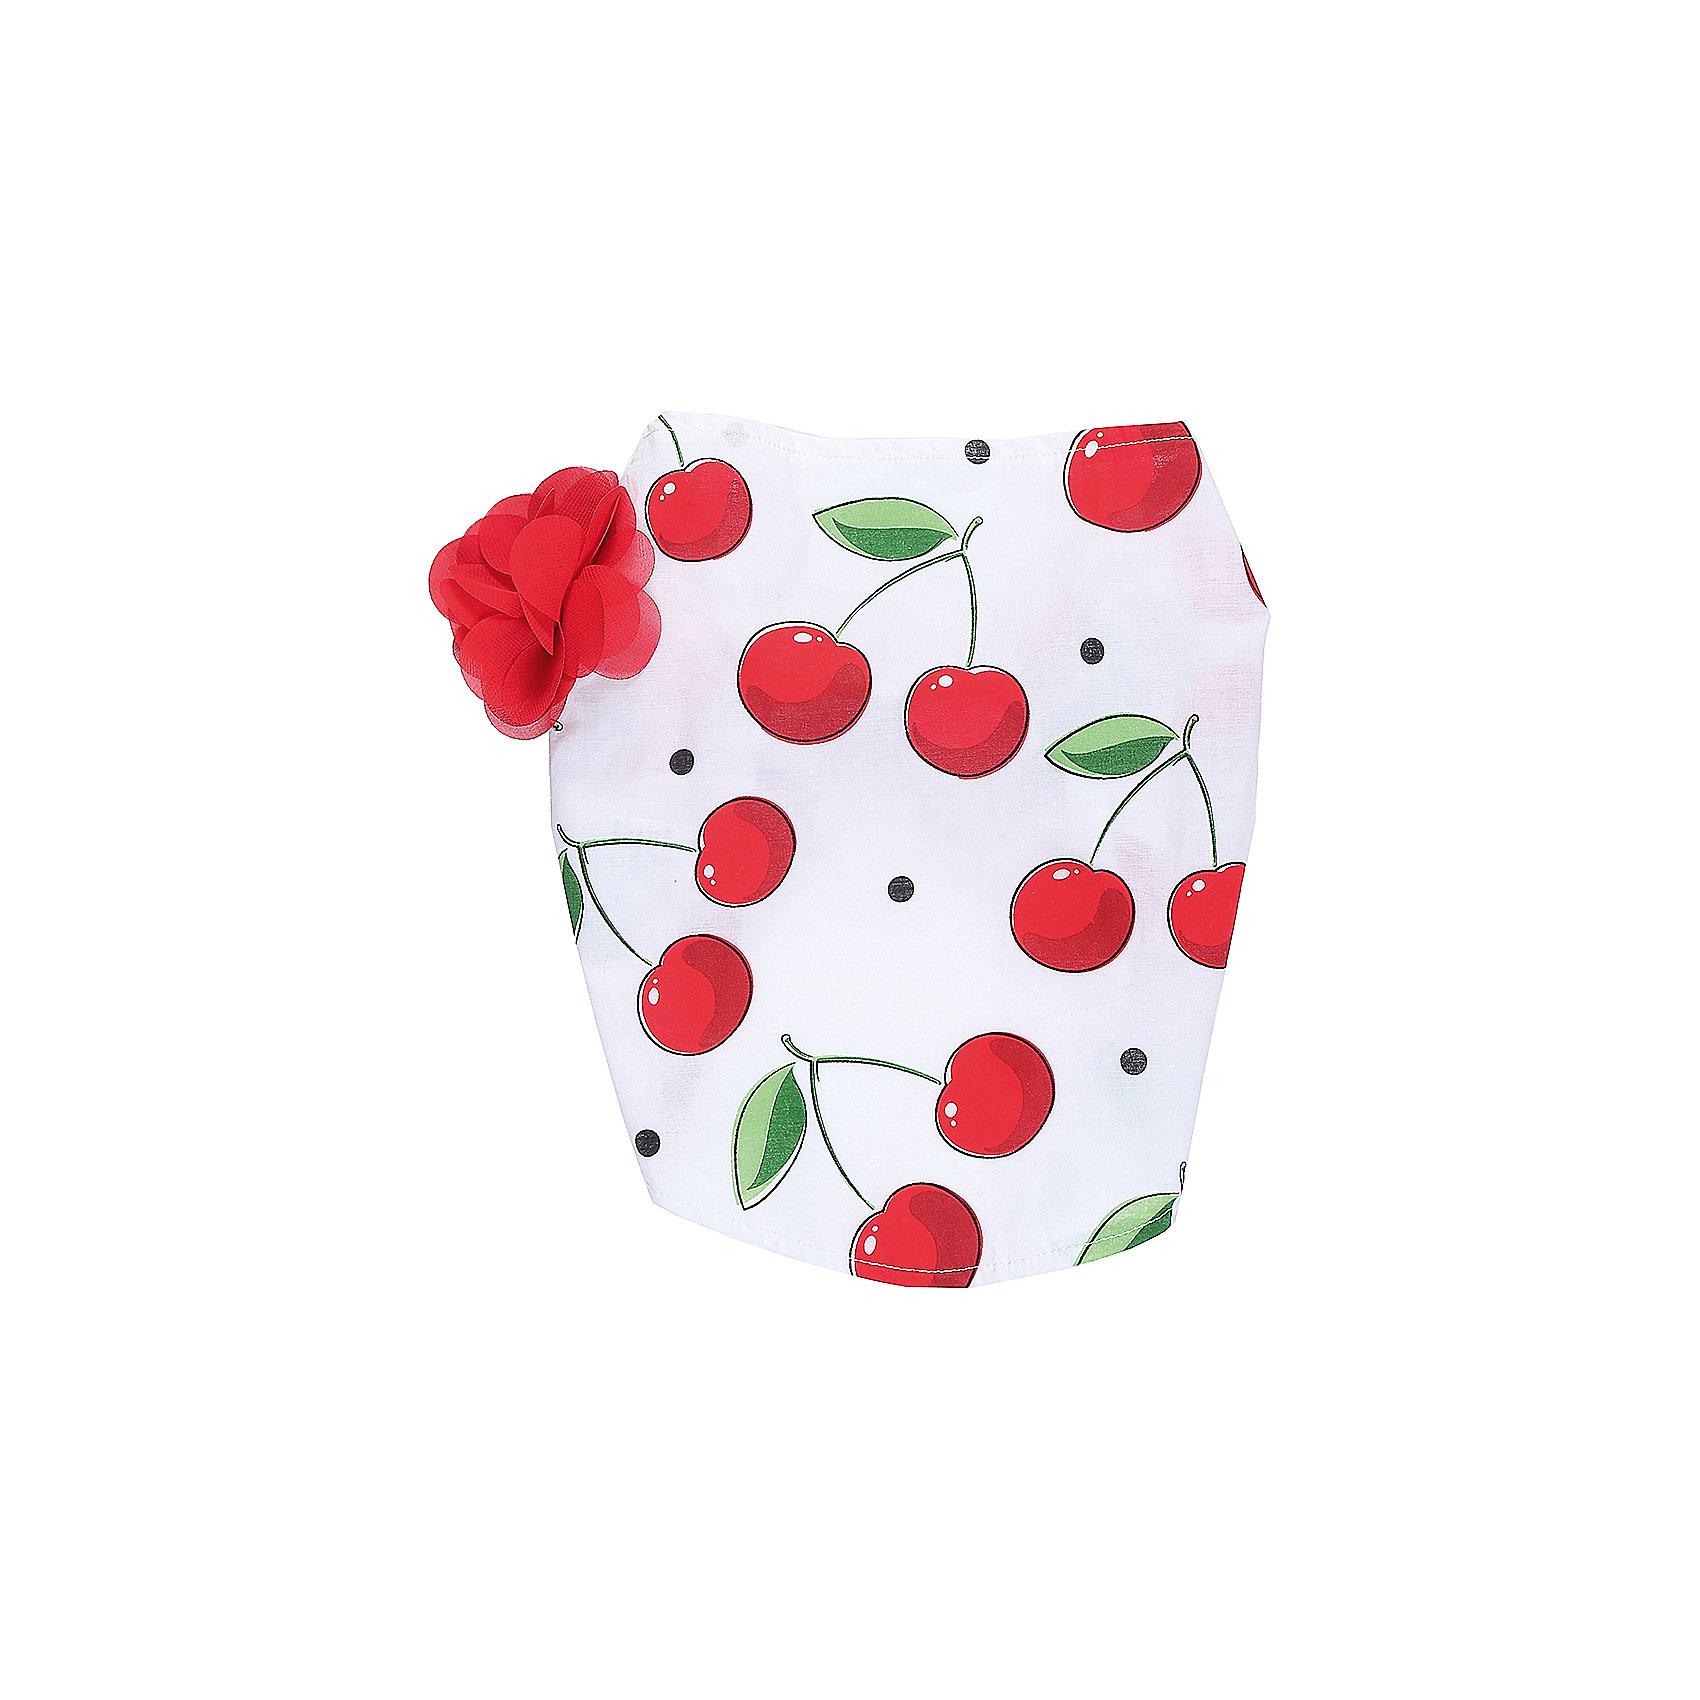 Повязка на голову для девочки Sweet BerryТрикотажная  повязка из принтованной ткани для девочки.<br>Состав:<br>100% хлопок<br><br>Ширина мм: 89<br>Глубина мм: 117<br>Высота мм: 44<br>Вес г: 155<br>Цвет: разноцветный<br>Возраст от месяцев: 24<br>Возраст до месяцев: 36<br>Пол: Женский<br>Возраст: Детский<br>Размер: 50,52,54<br>SKU: 5410104